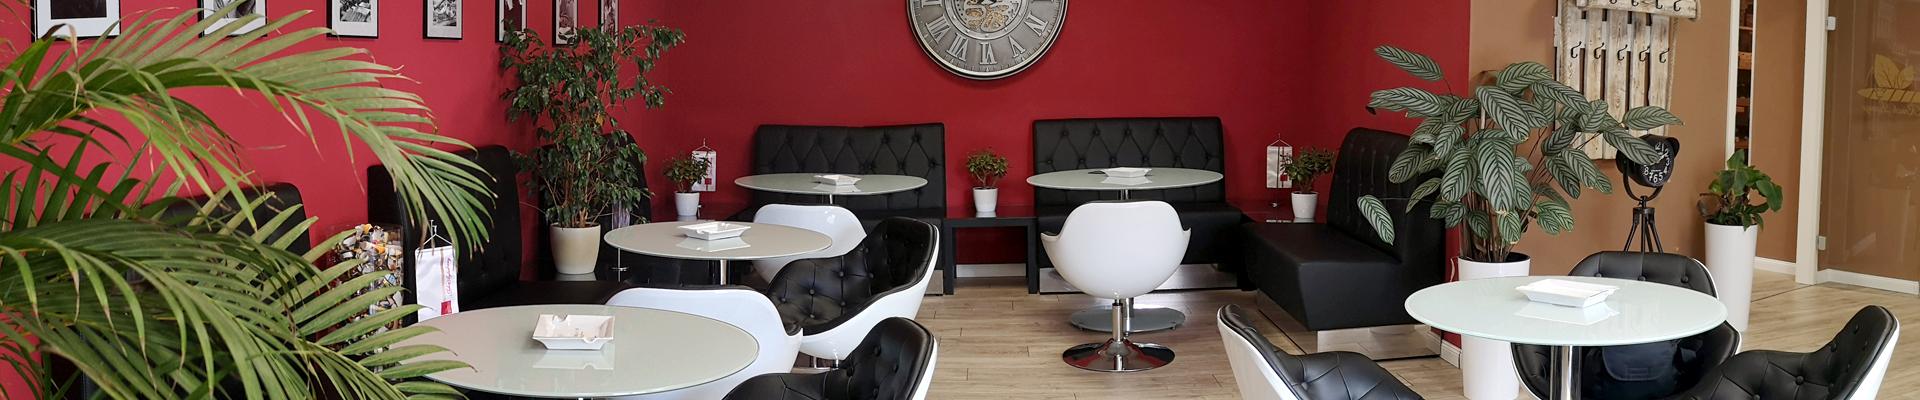 Pfeifen- & Zigarren-Lounge